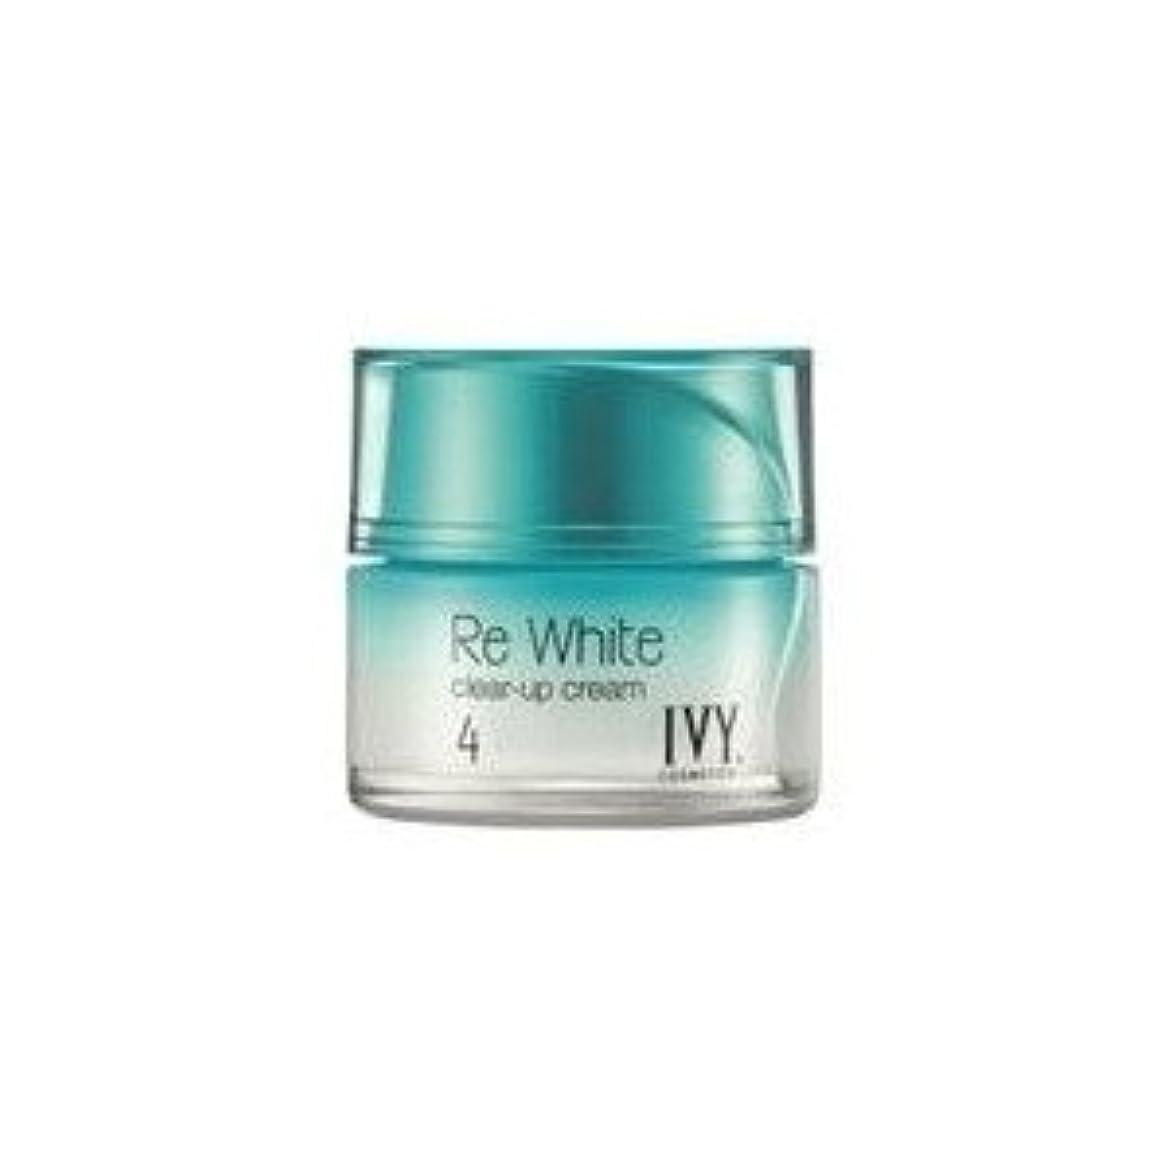 アイビー化粧品 リ ホワイト クリアアップ クリーム  (乳液 ? クリーム) 30g